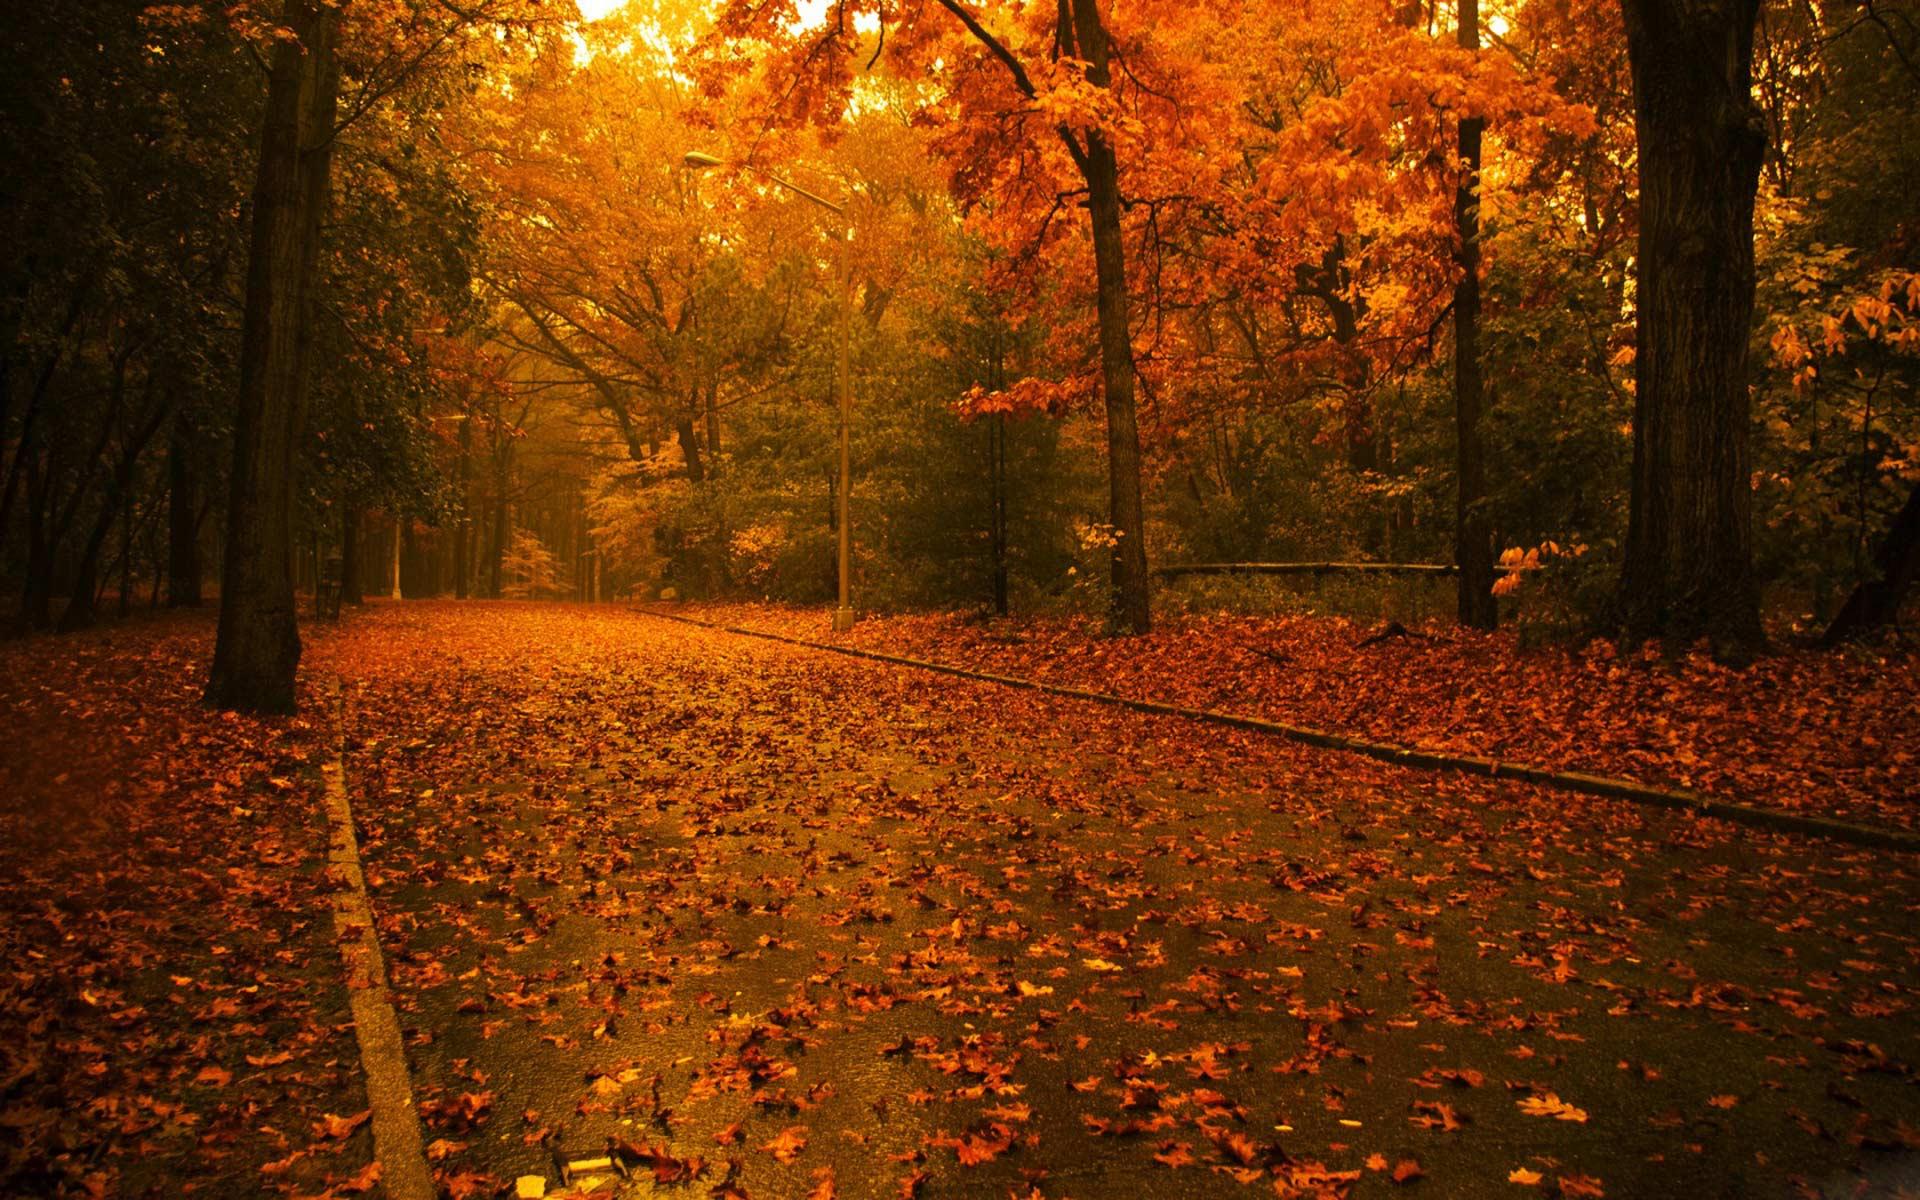 осень, опавшие желтые и рыжие листья, листопад, обои для рабочего стола, скачать